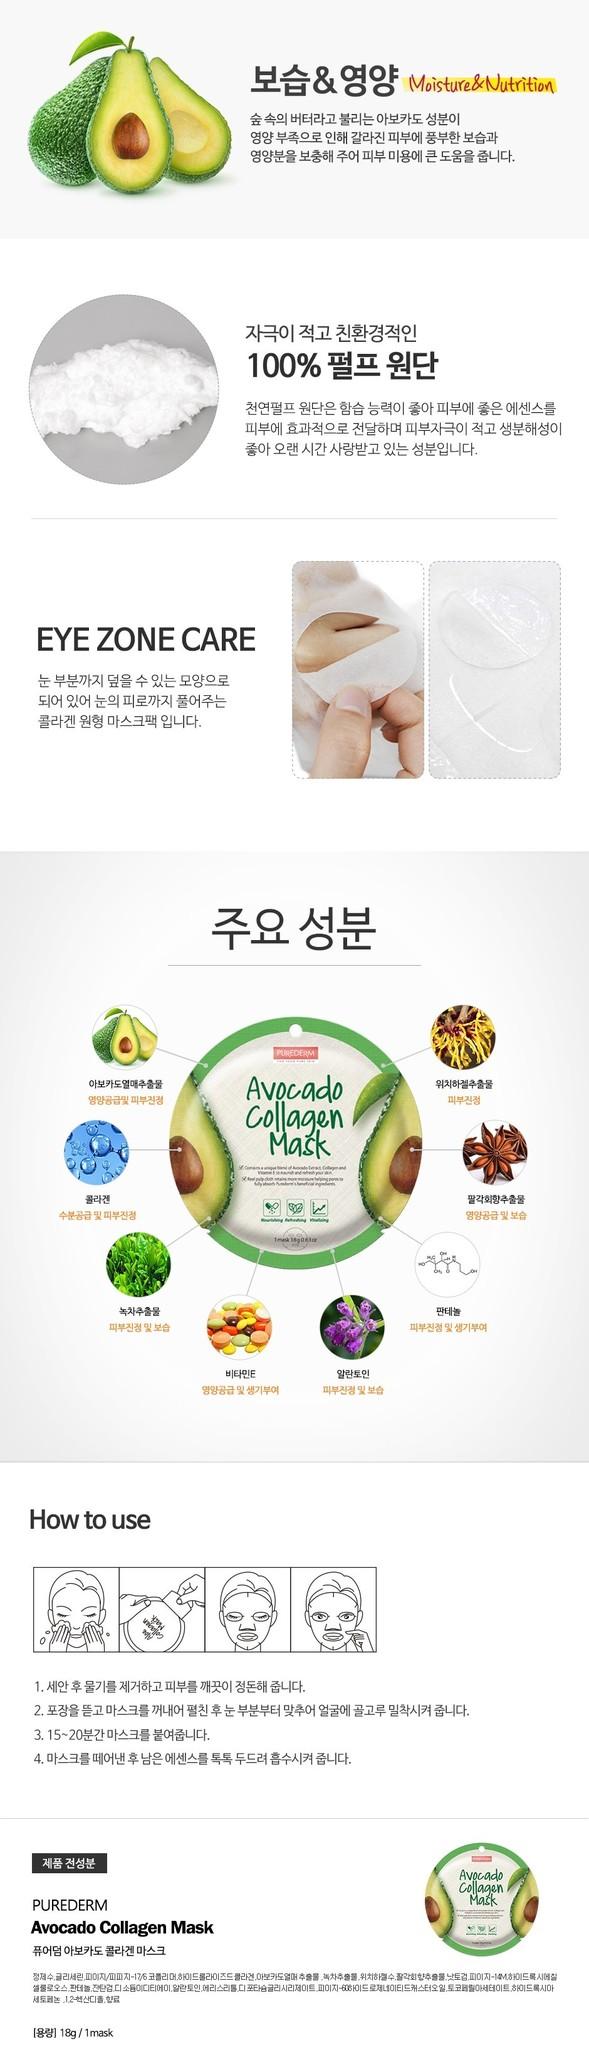 Circle Mask - Avocado Collagen-3